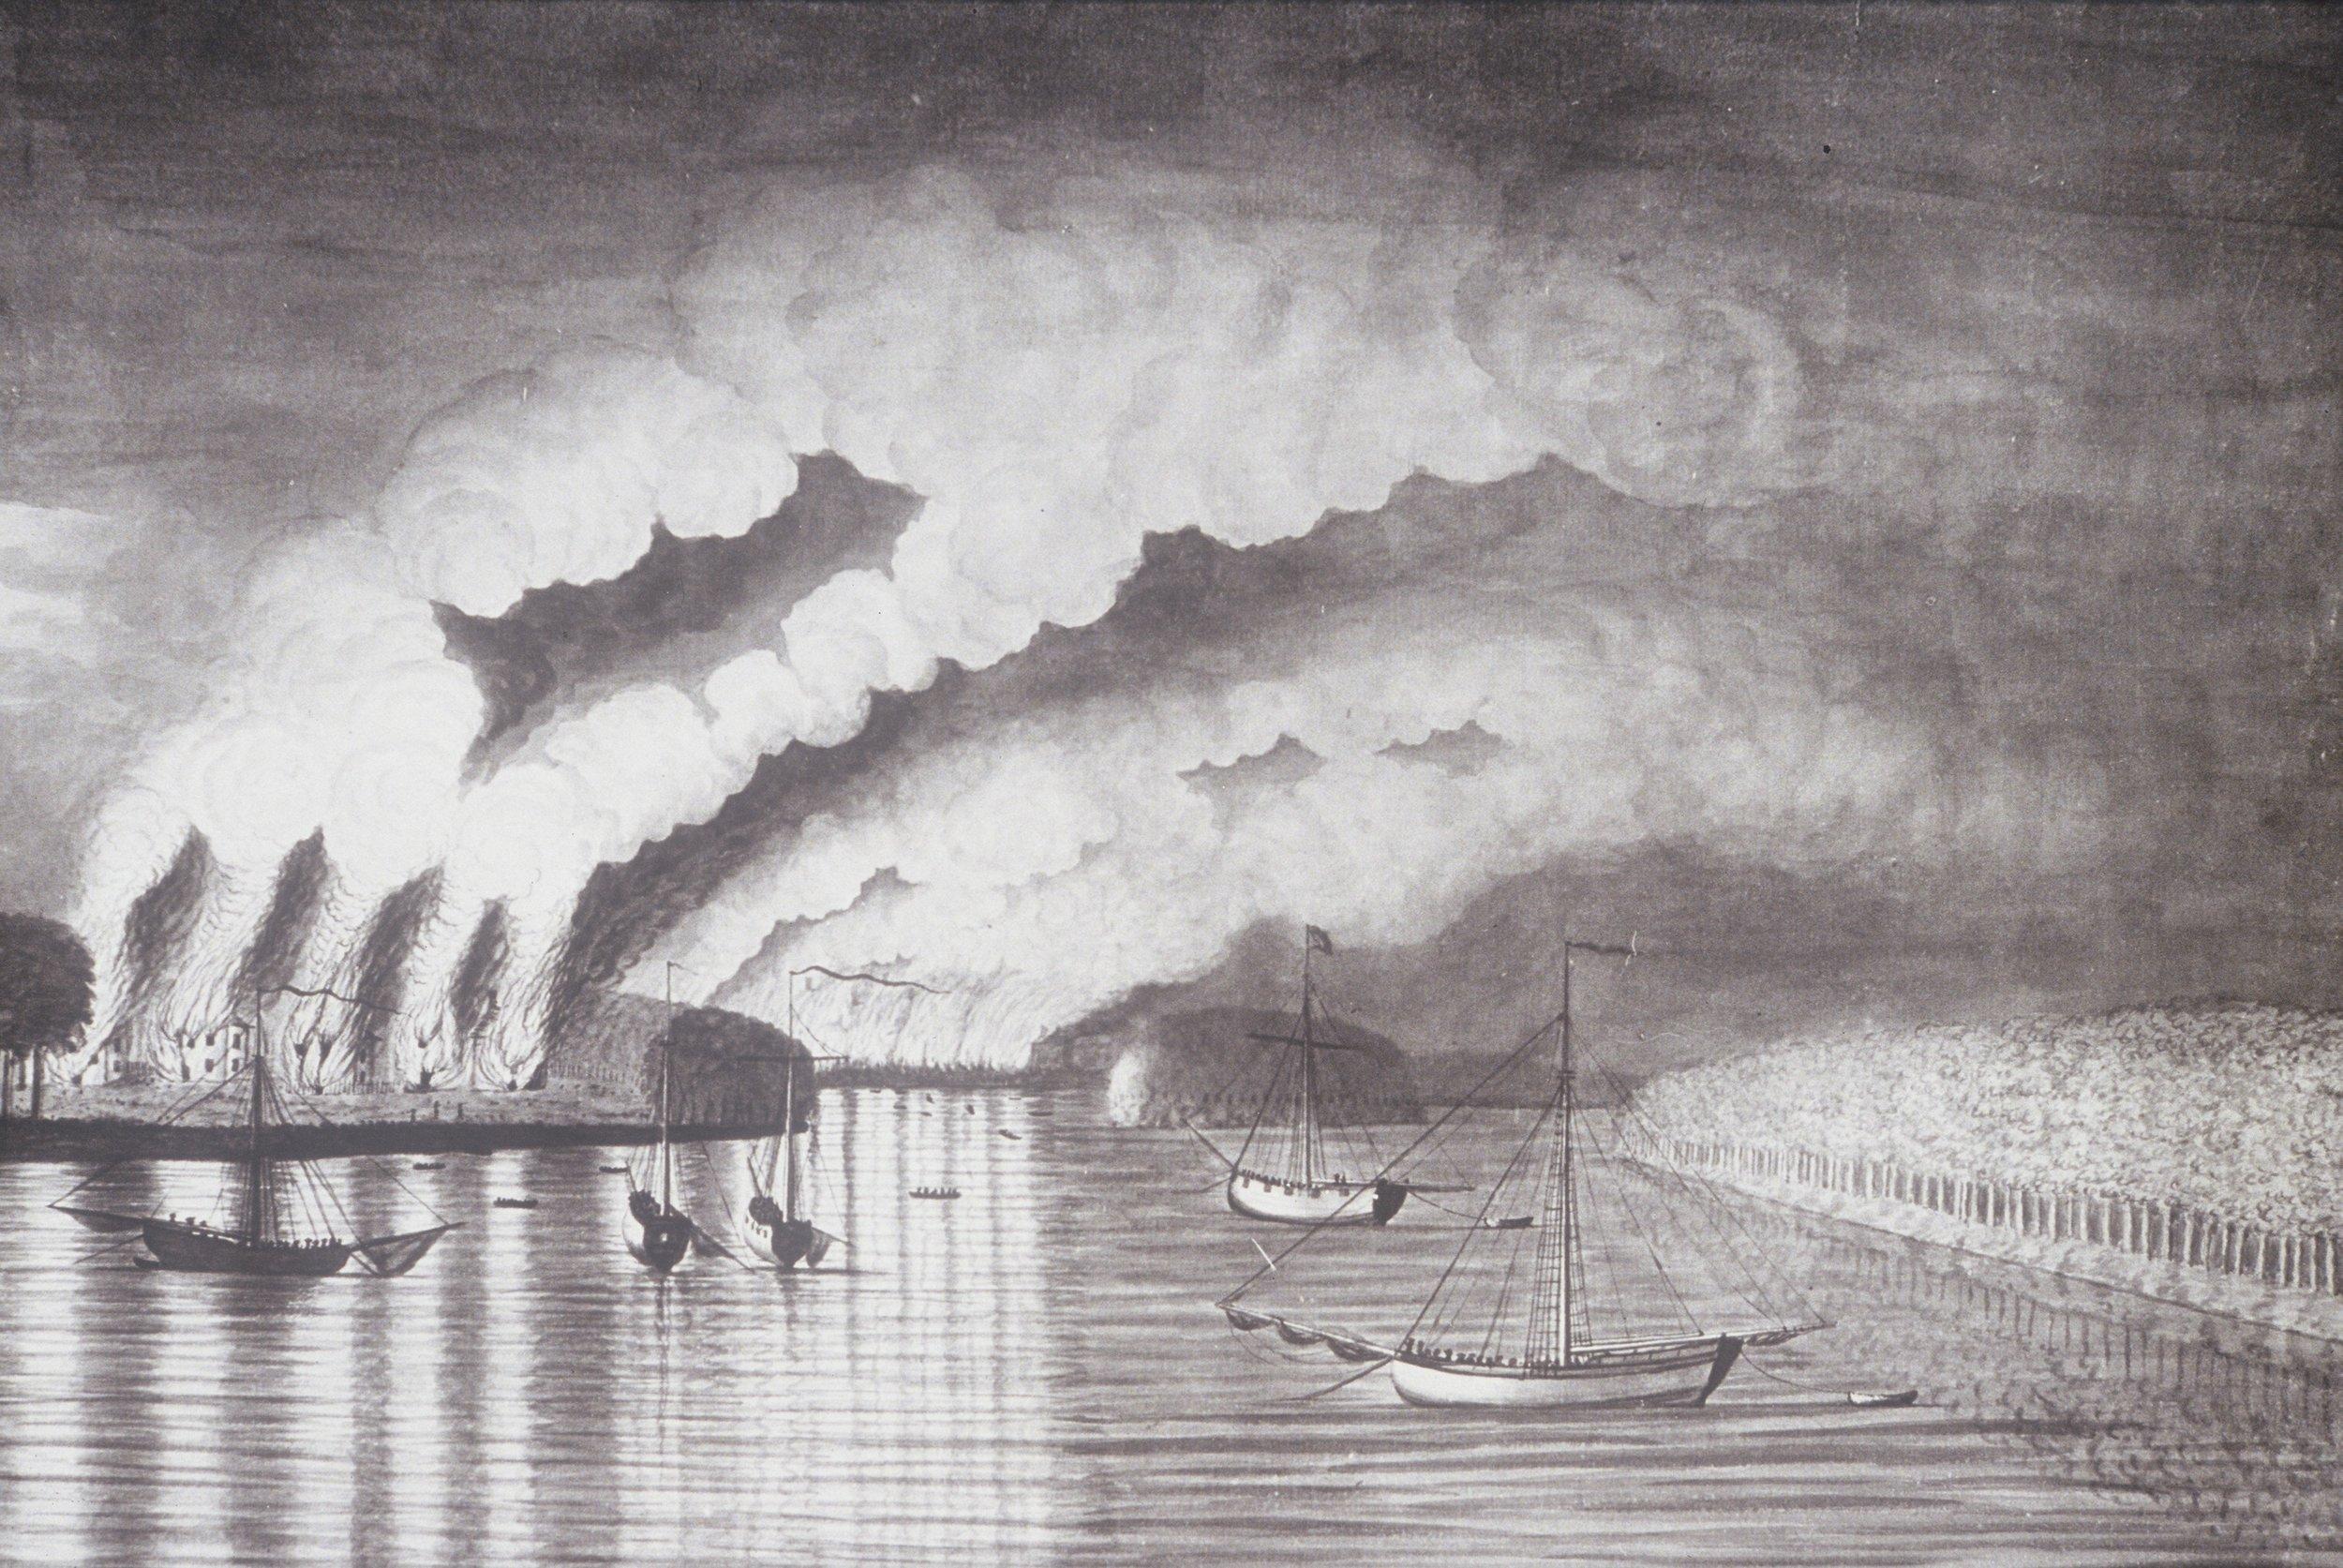 Vue du pillage et de l'incendie de la ville de Grimross  [aujourd'hui Gagetown, N.B.], aquarelle de 1758 par Thomas Davies, Musée des beaux-arts du Canada.